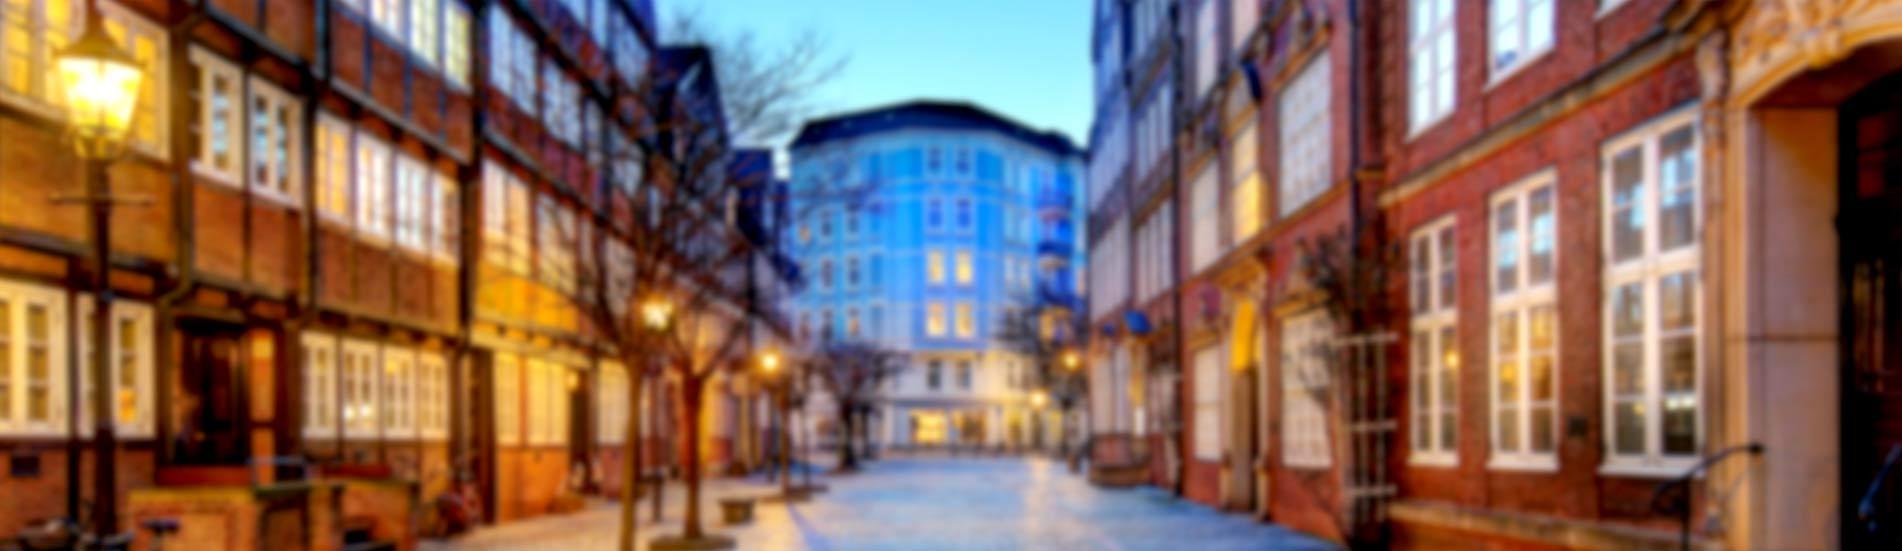 Mit Denkmalimmobilien Steuern sparen